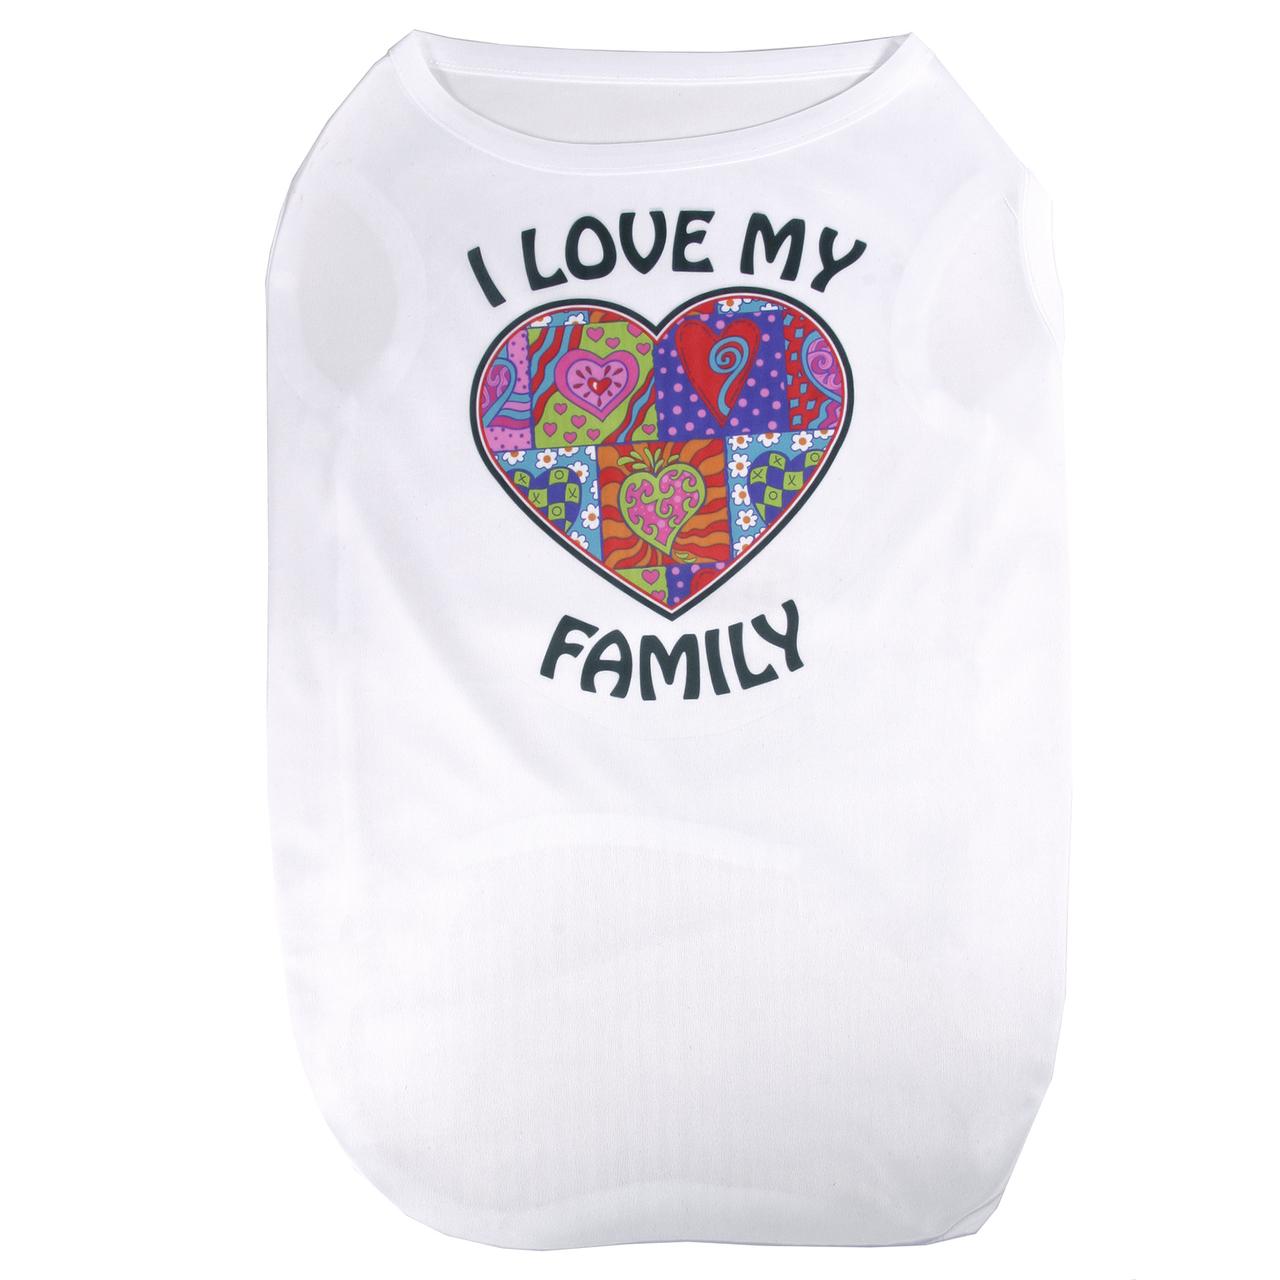 I Love My Family Hearts Pet/ Dog T-Shirt CH-S02